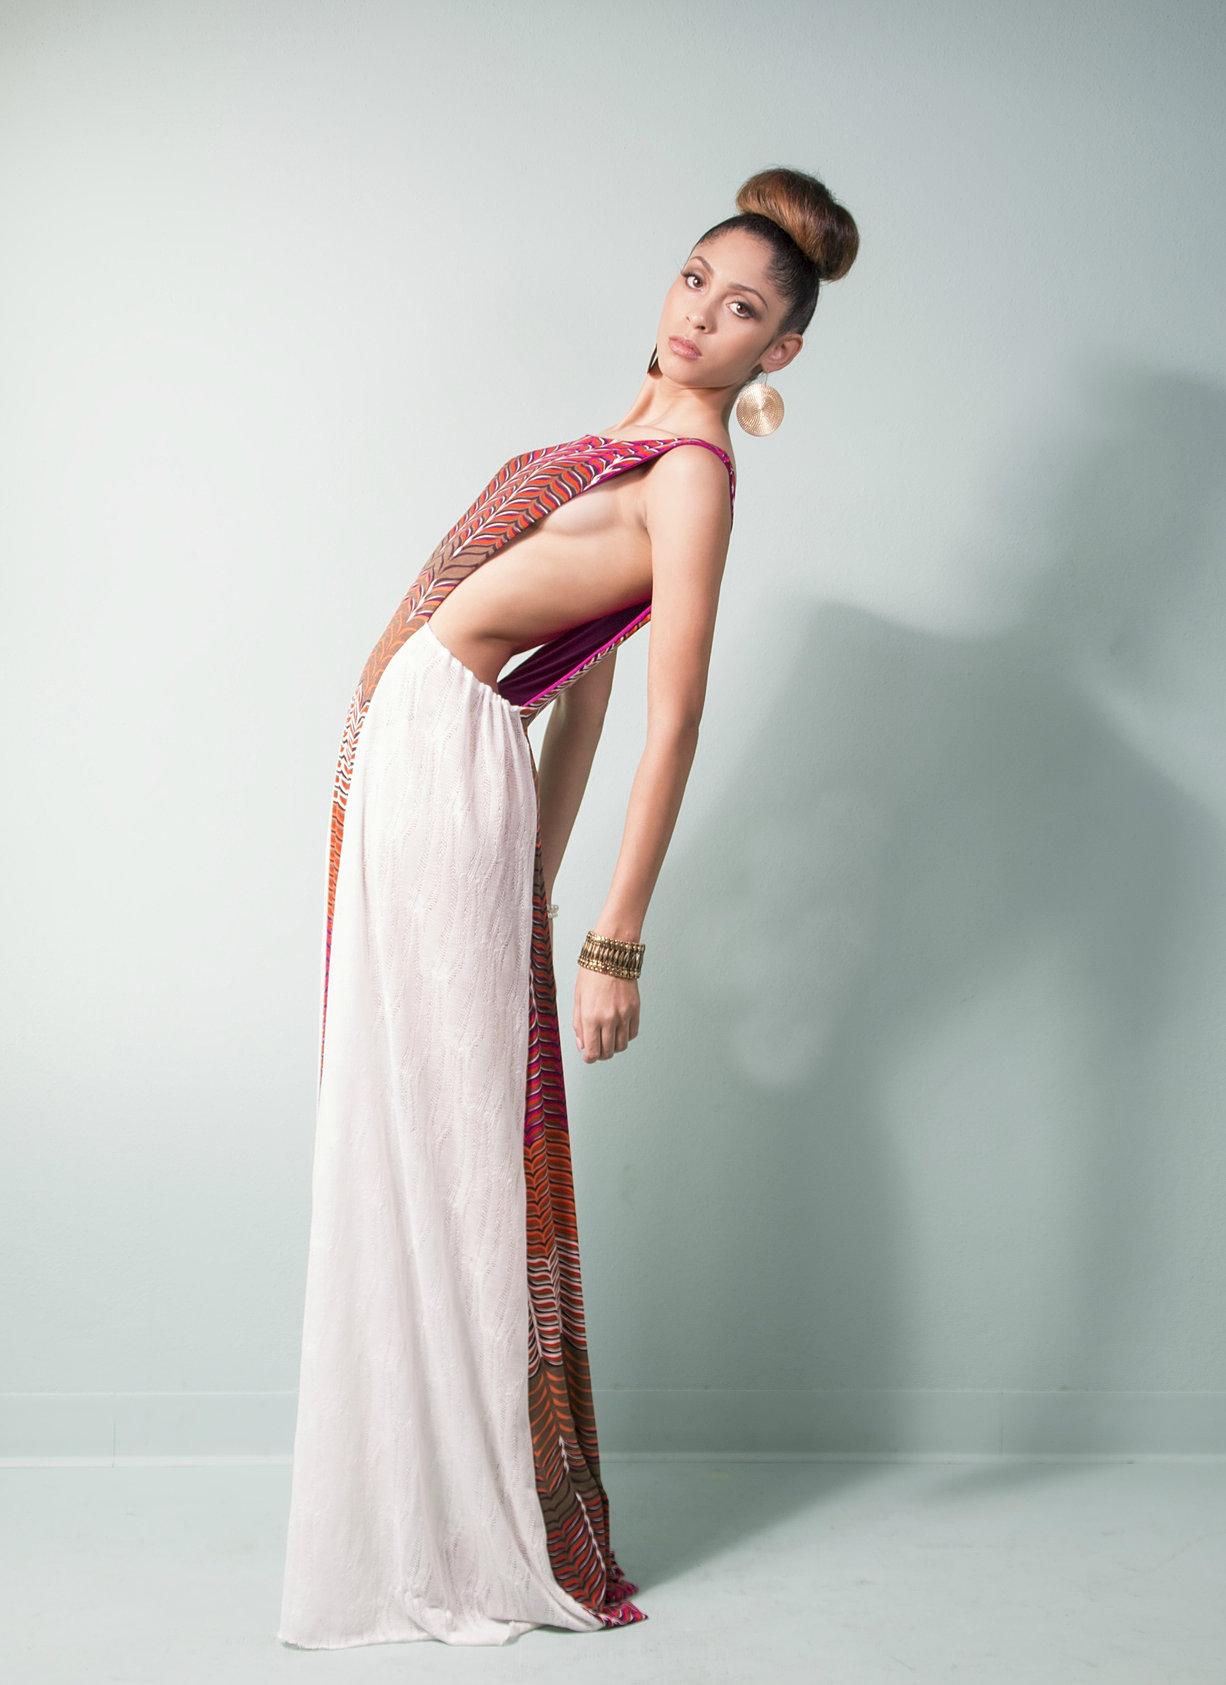 White apron austin - Apron Dress